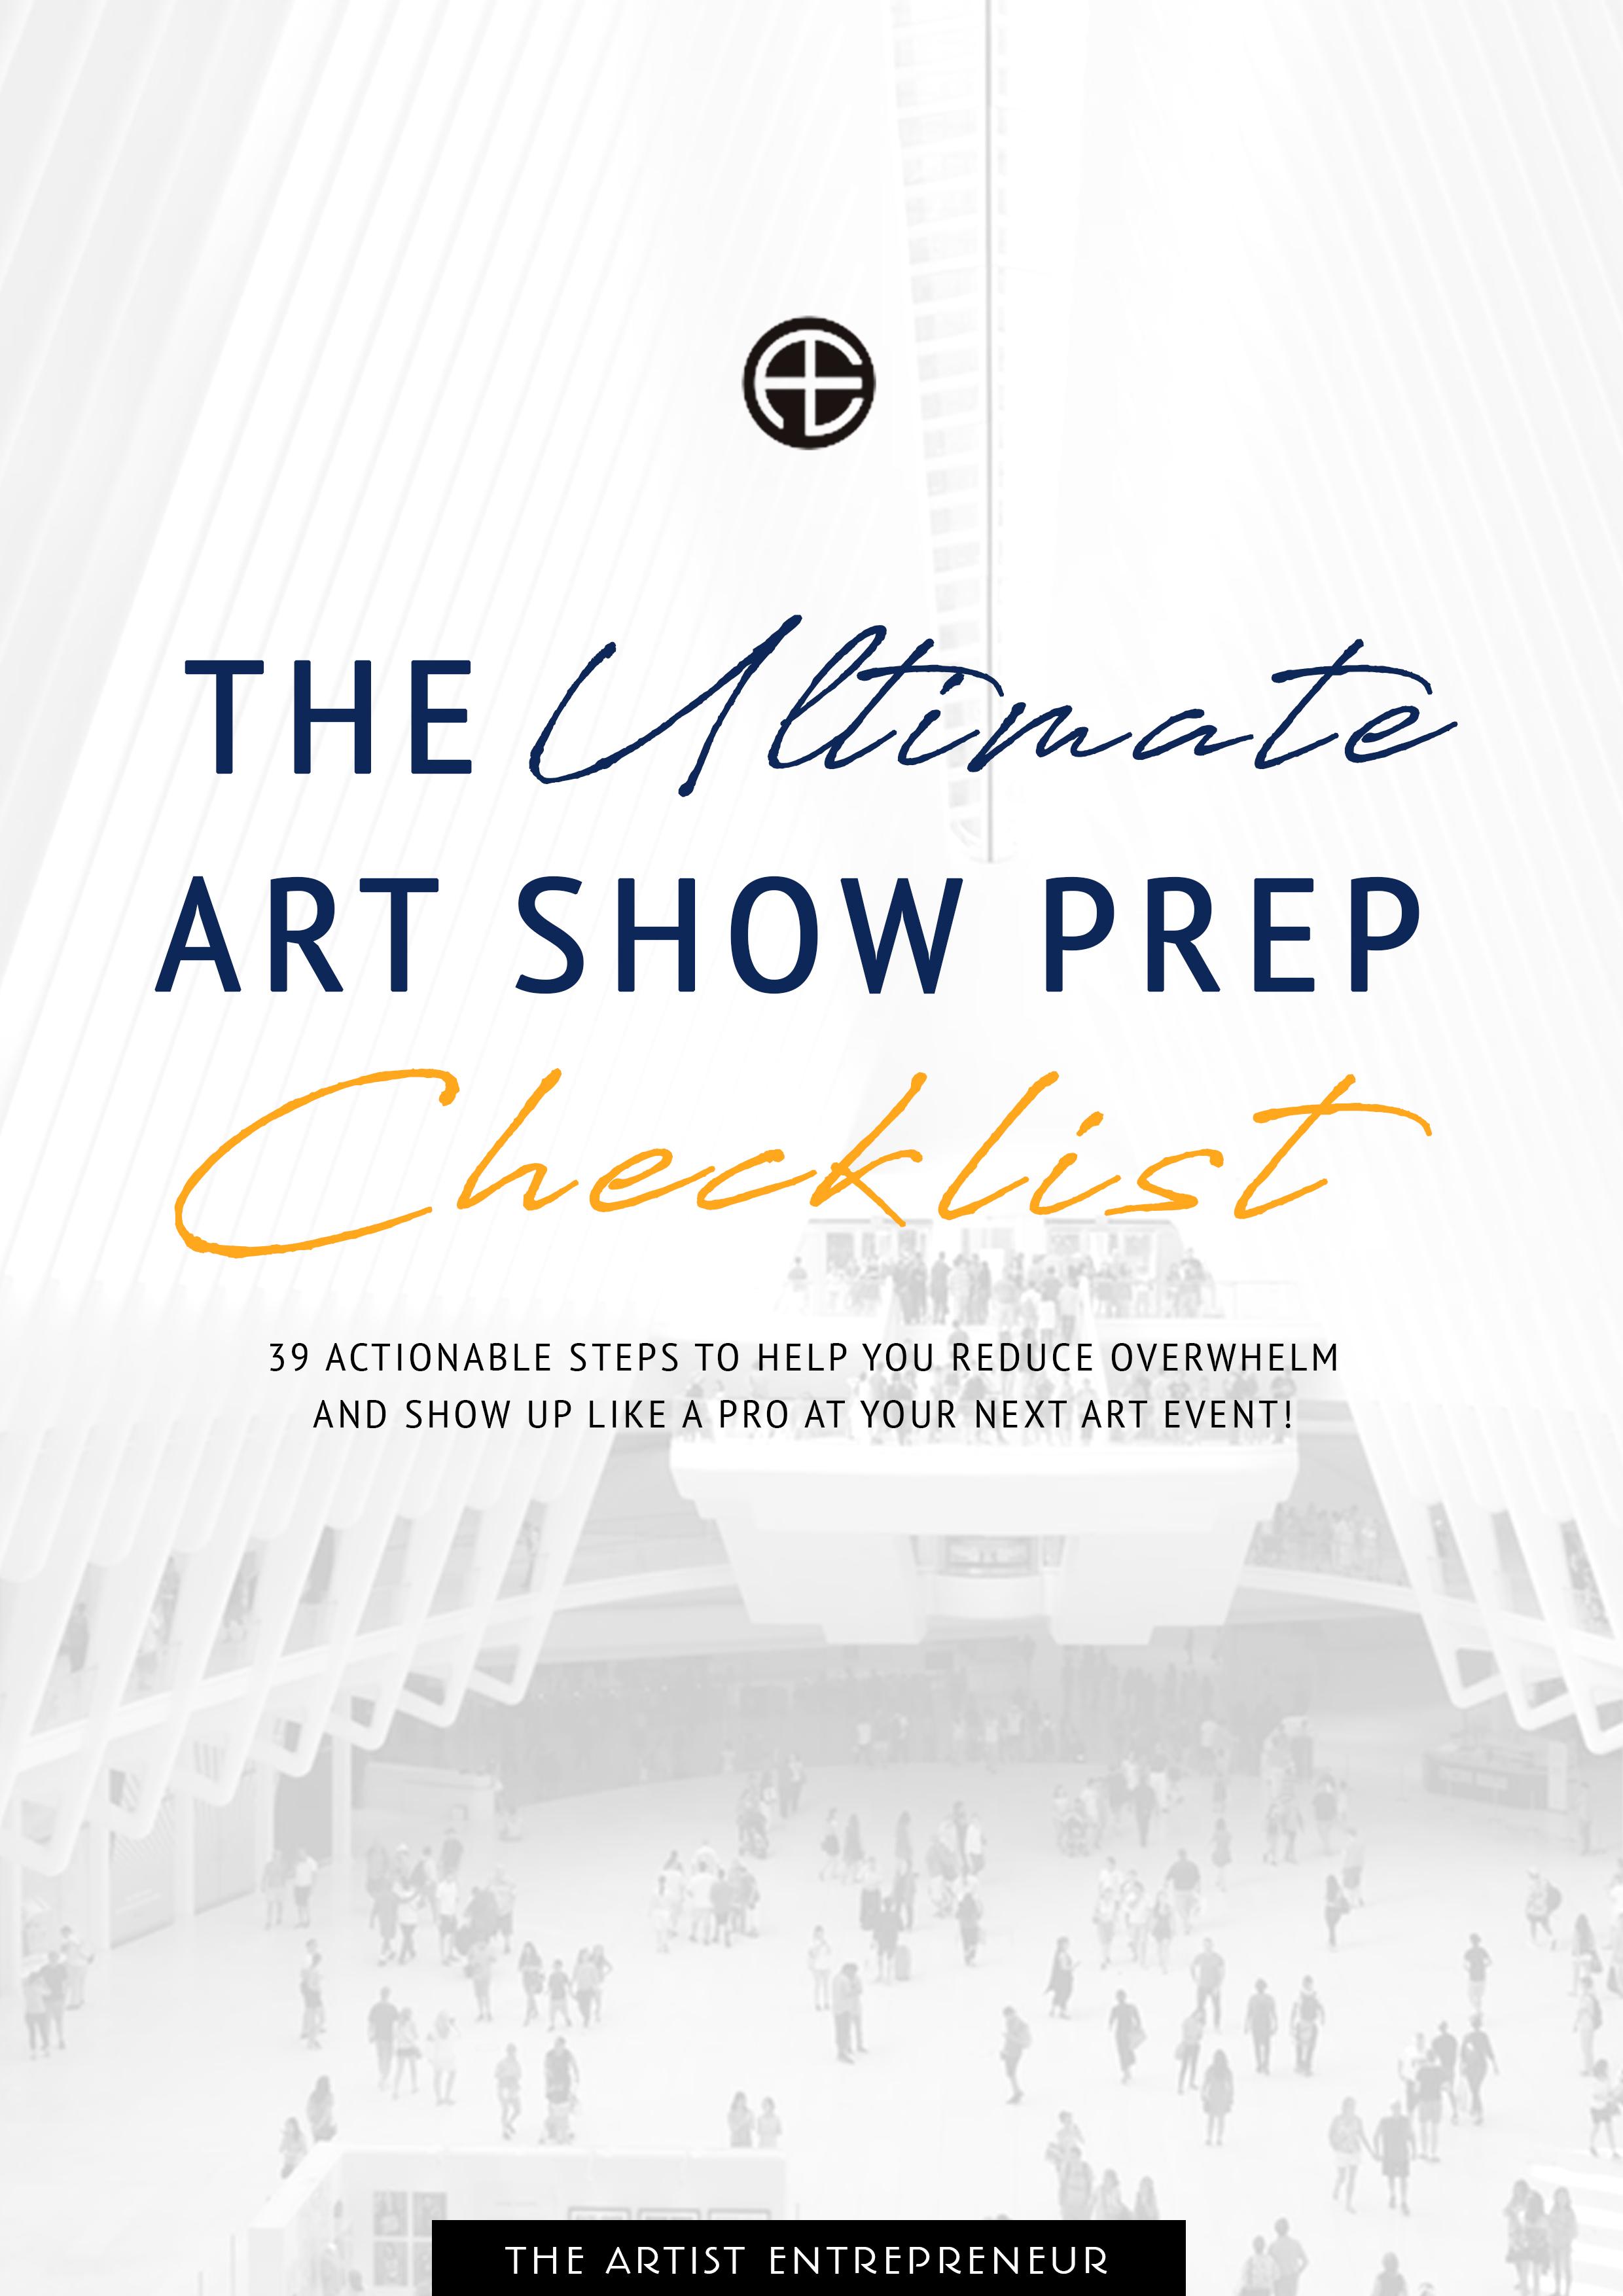 The ultimate art show prep checklist_the artist entrepreneur_catherine orer